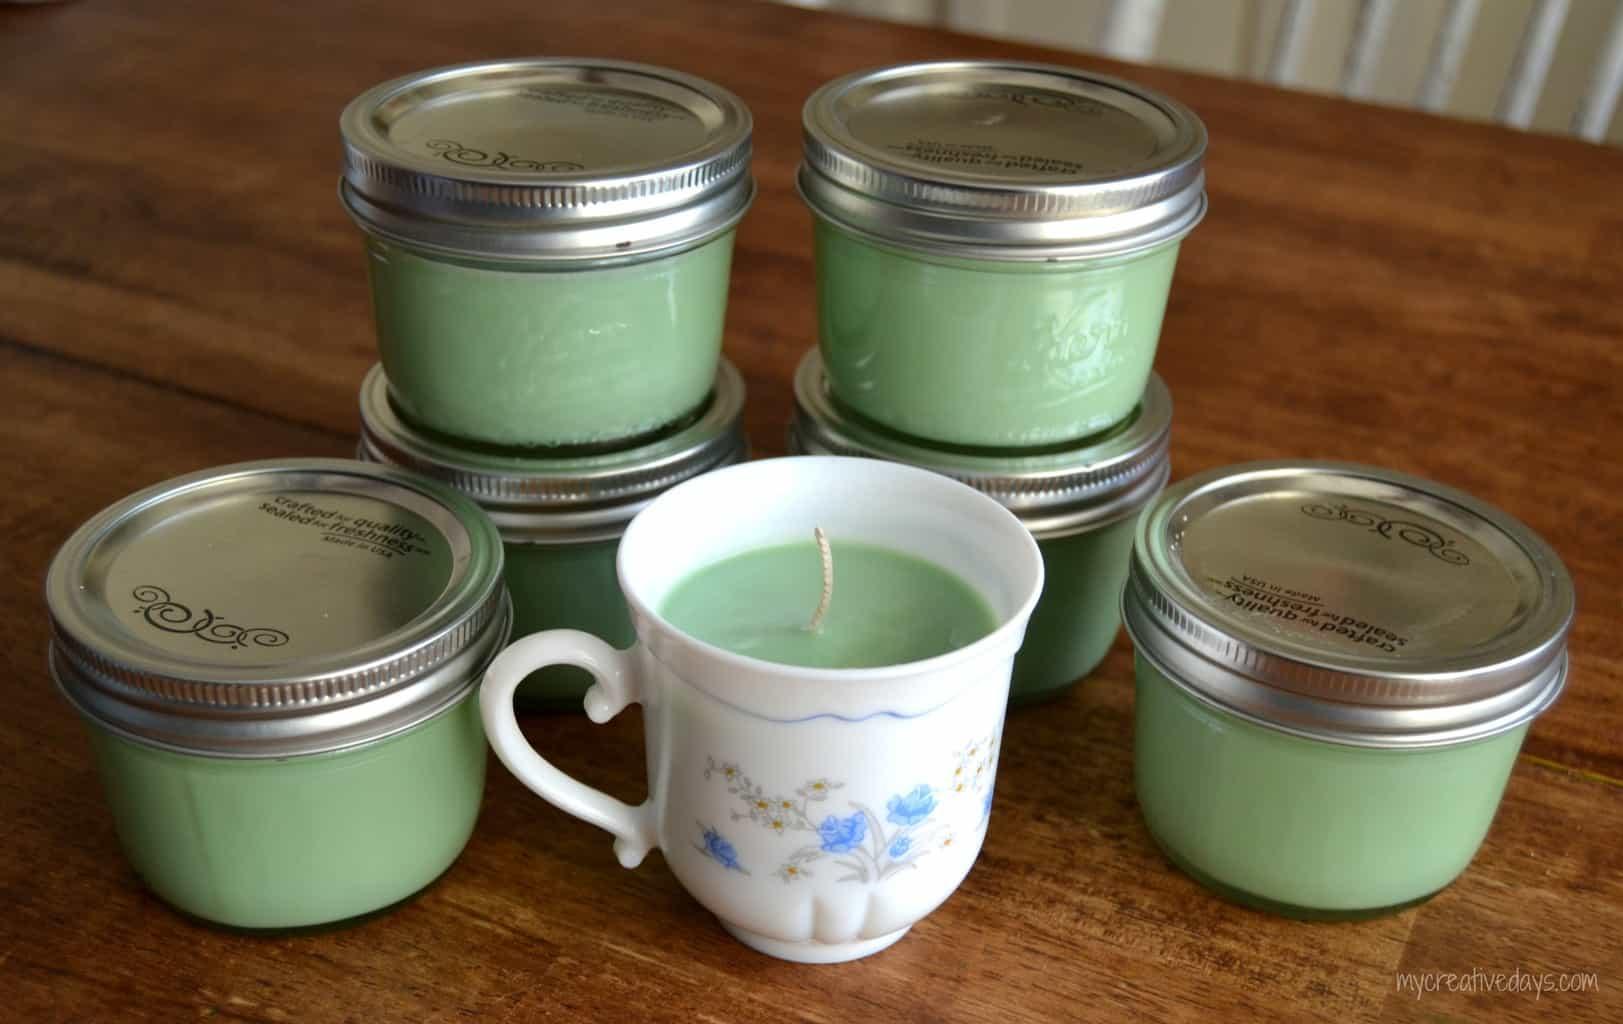 Homemade Teacup Candles mycreativedays.com